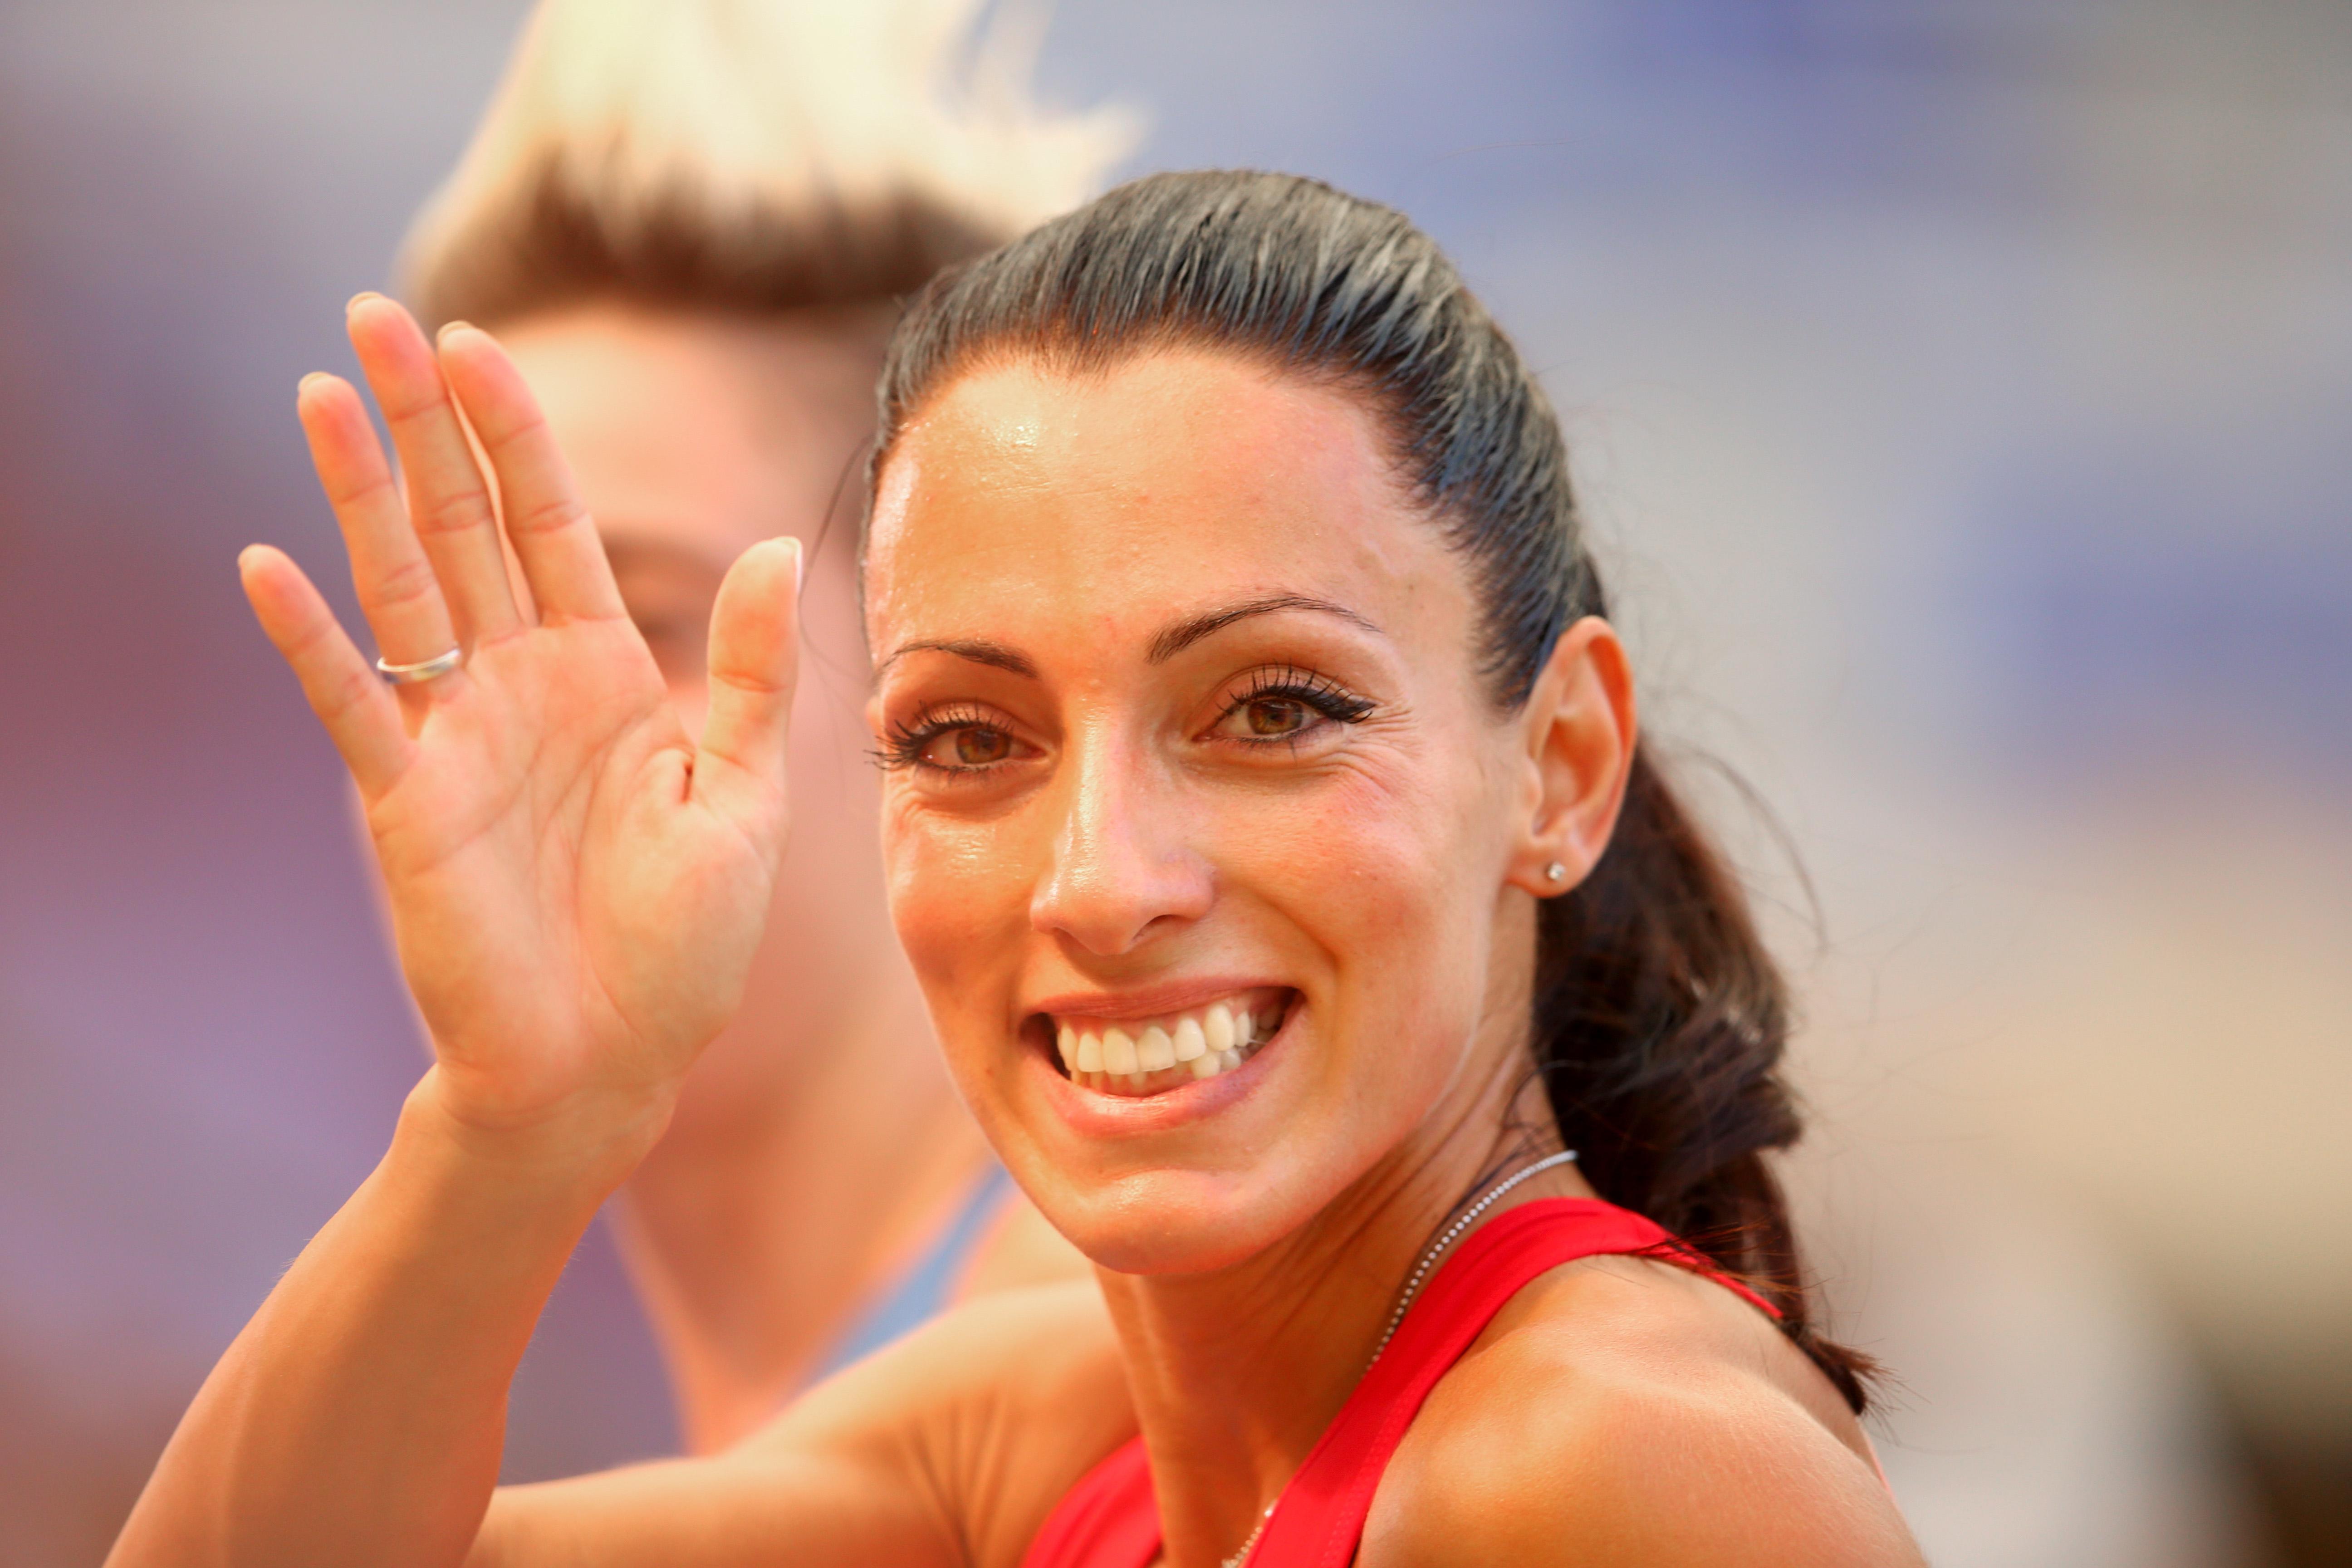 Ивет Лалова е една от най-обичаните и уважавани български спортистки. Чаровната спринтьорка се нарежда сред най-талантливите в световния бранш, а успехите, които постига през годините, я правят една от най-големите гордости на България.